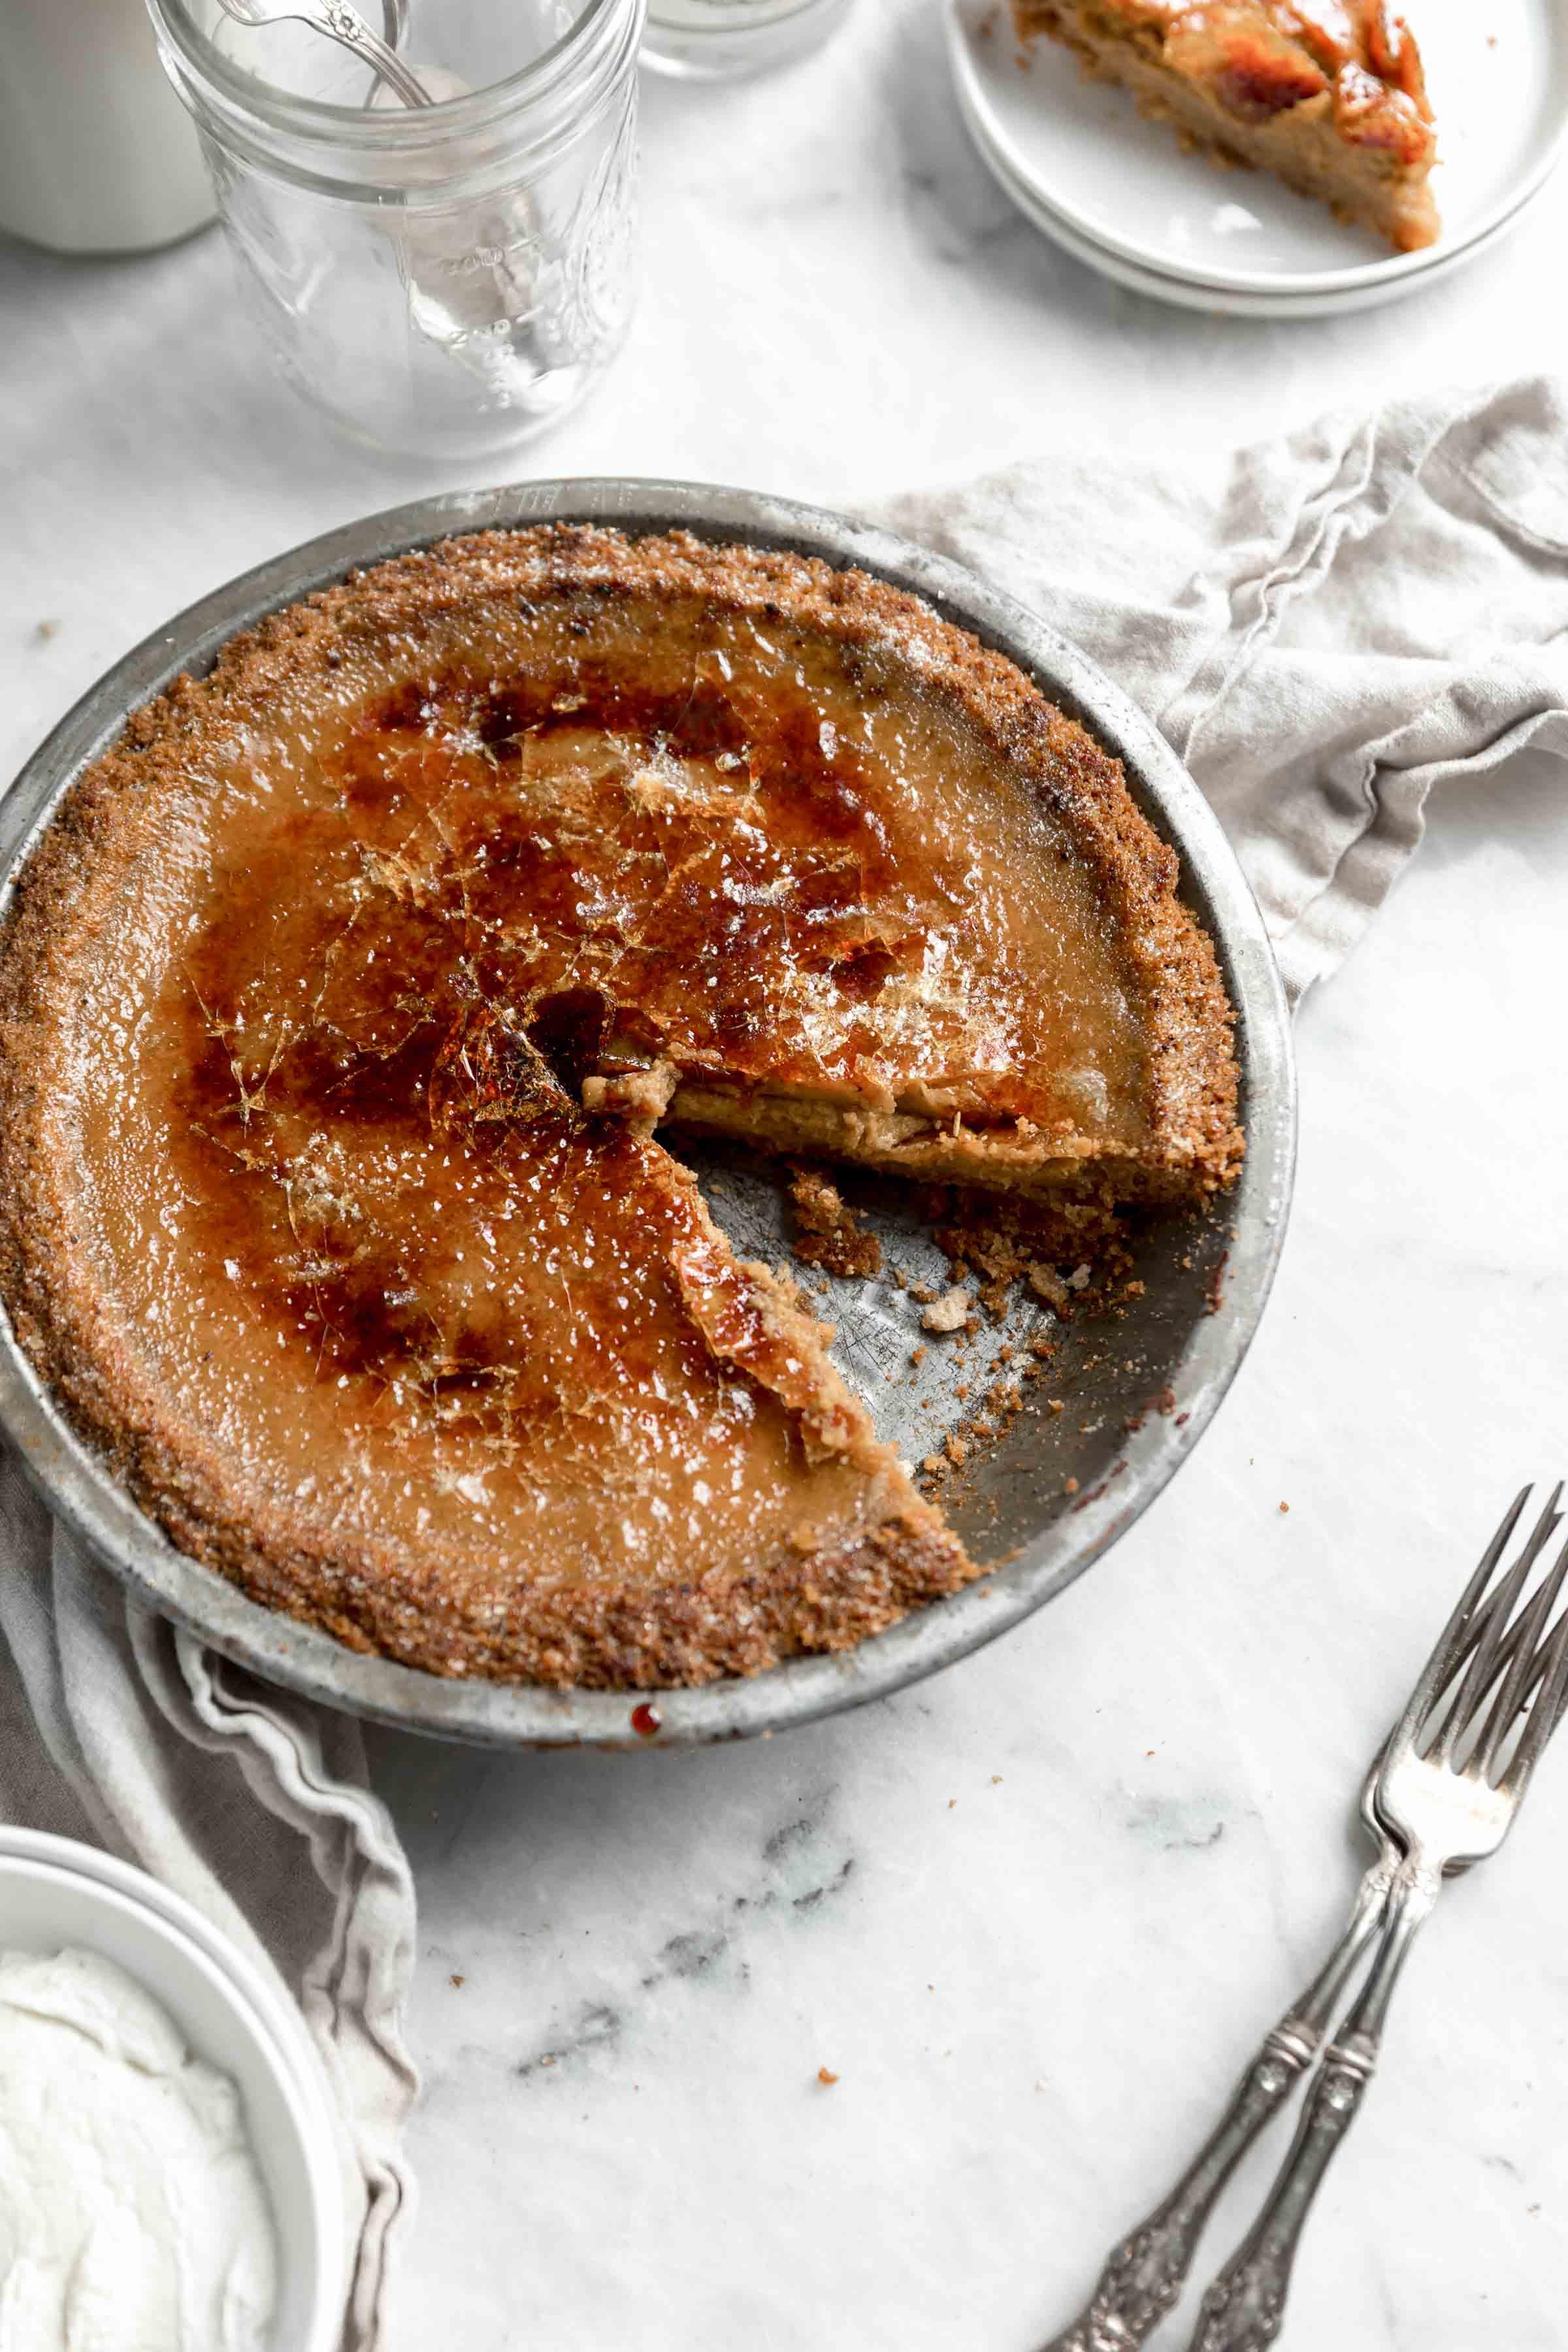 Aimez-vous la crème brûlée? Aimez-vous la tarte à la citrouille? Présentation du nouveau dessert préféré: la tarte à la citrouille brûlée. Crémeux, croquant et parfait pour Thanksgiving!